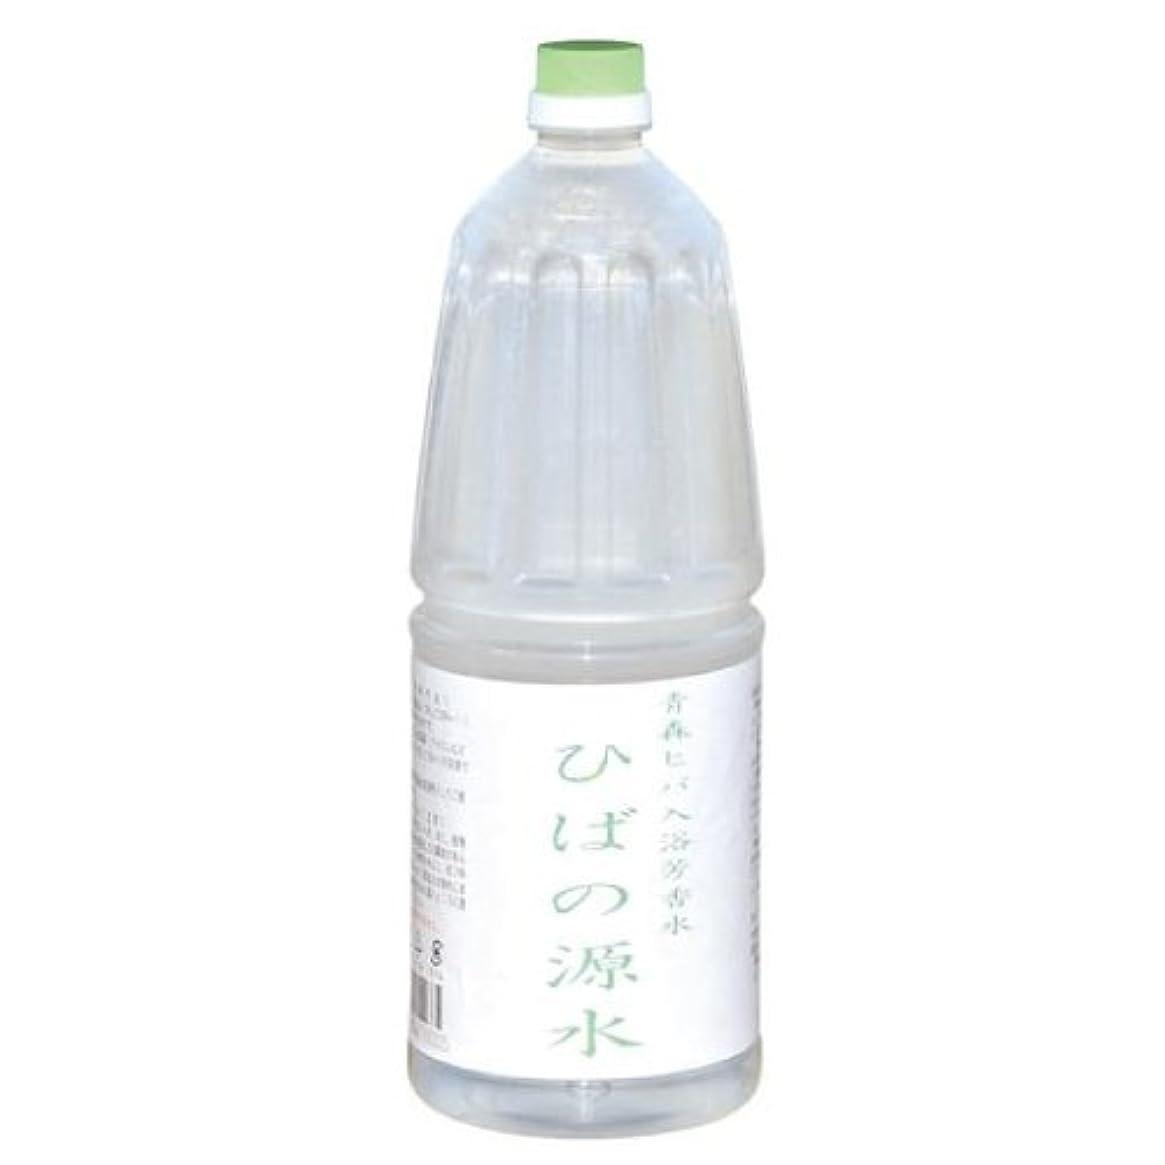 爆発ライターに対応青森ひば蒸留水 ひばの源水1800ml